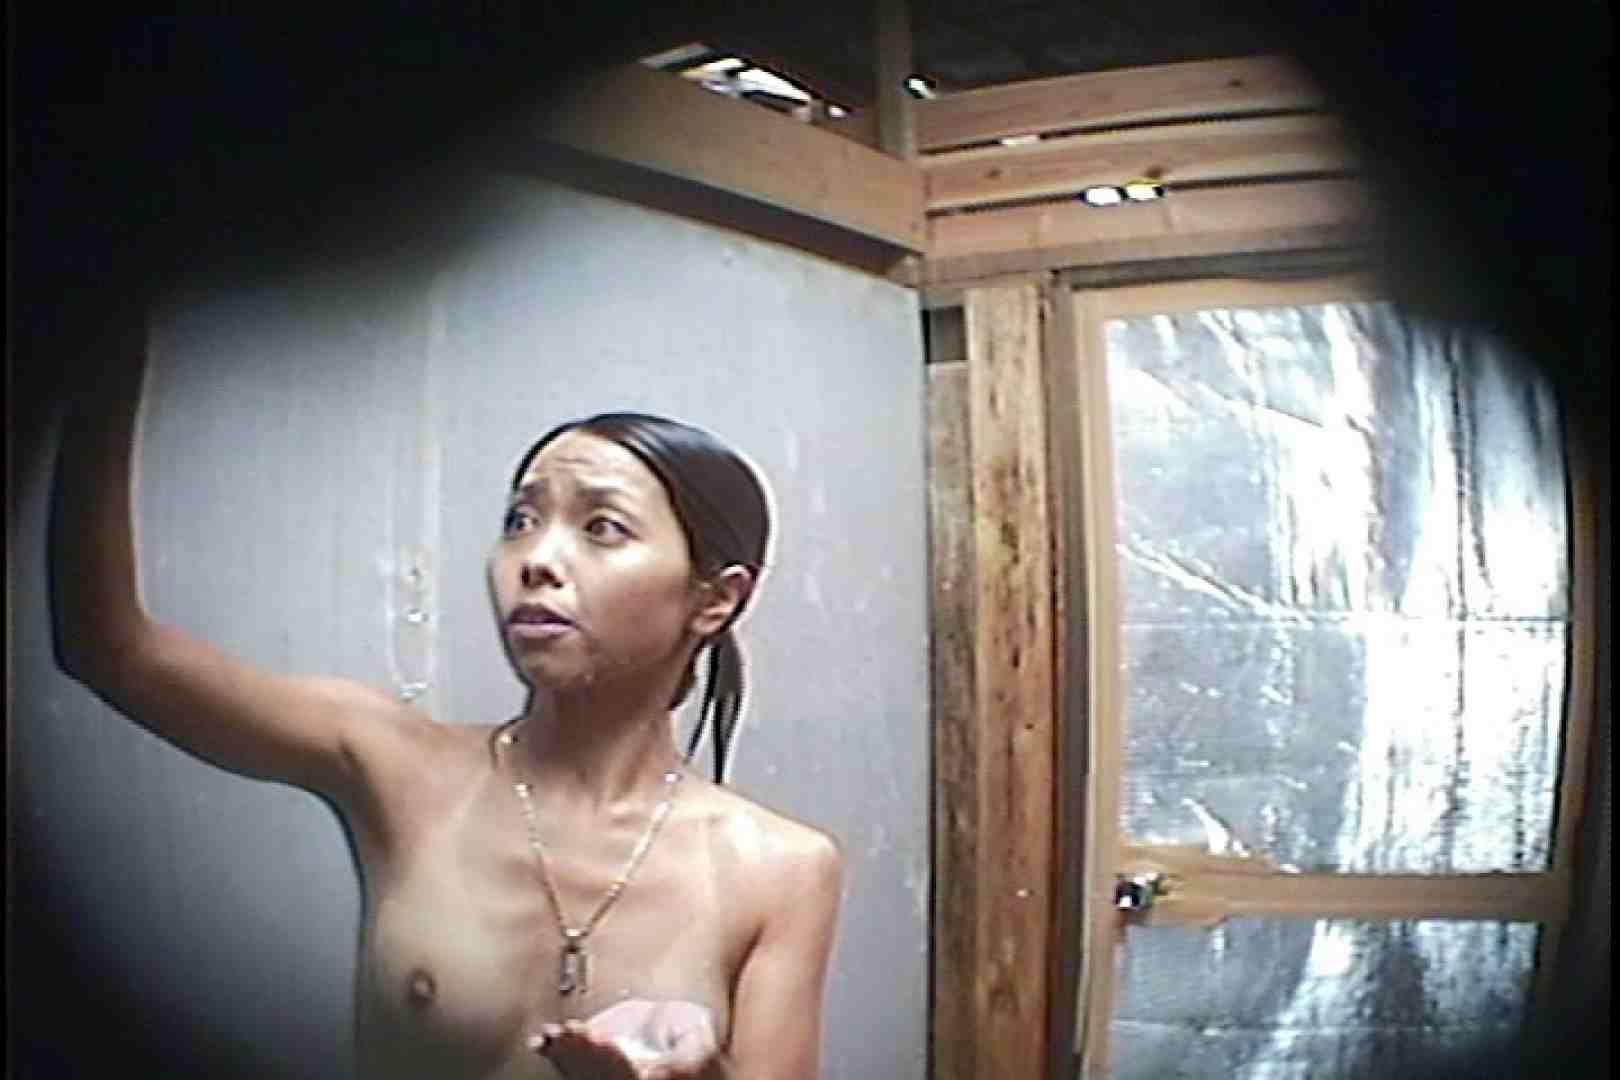 海の家の更衣室 Vol.45 日焼けギャル エロ画像 76枚 65